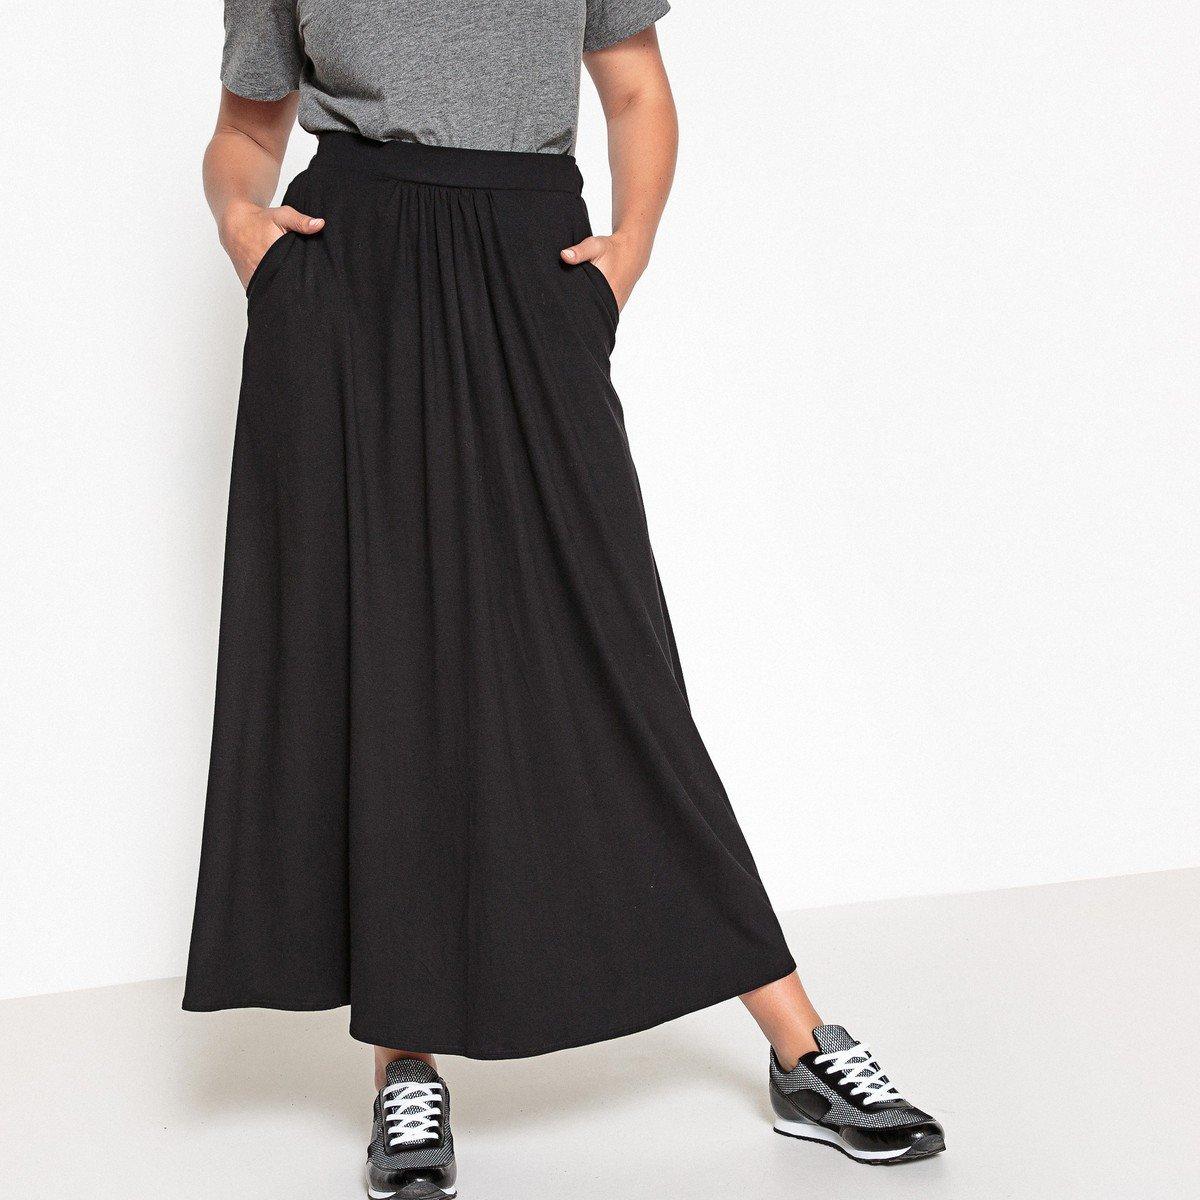 Длинные юбки фото картинки